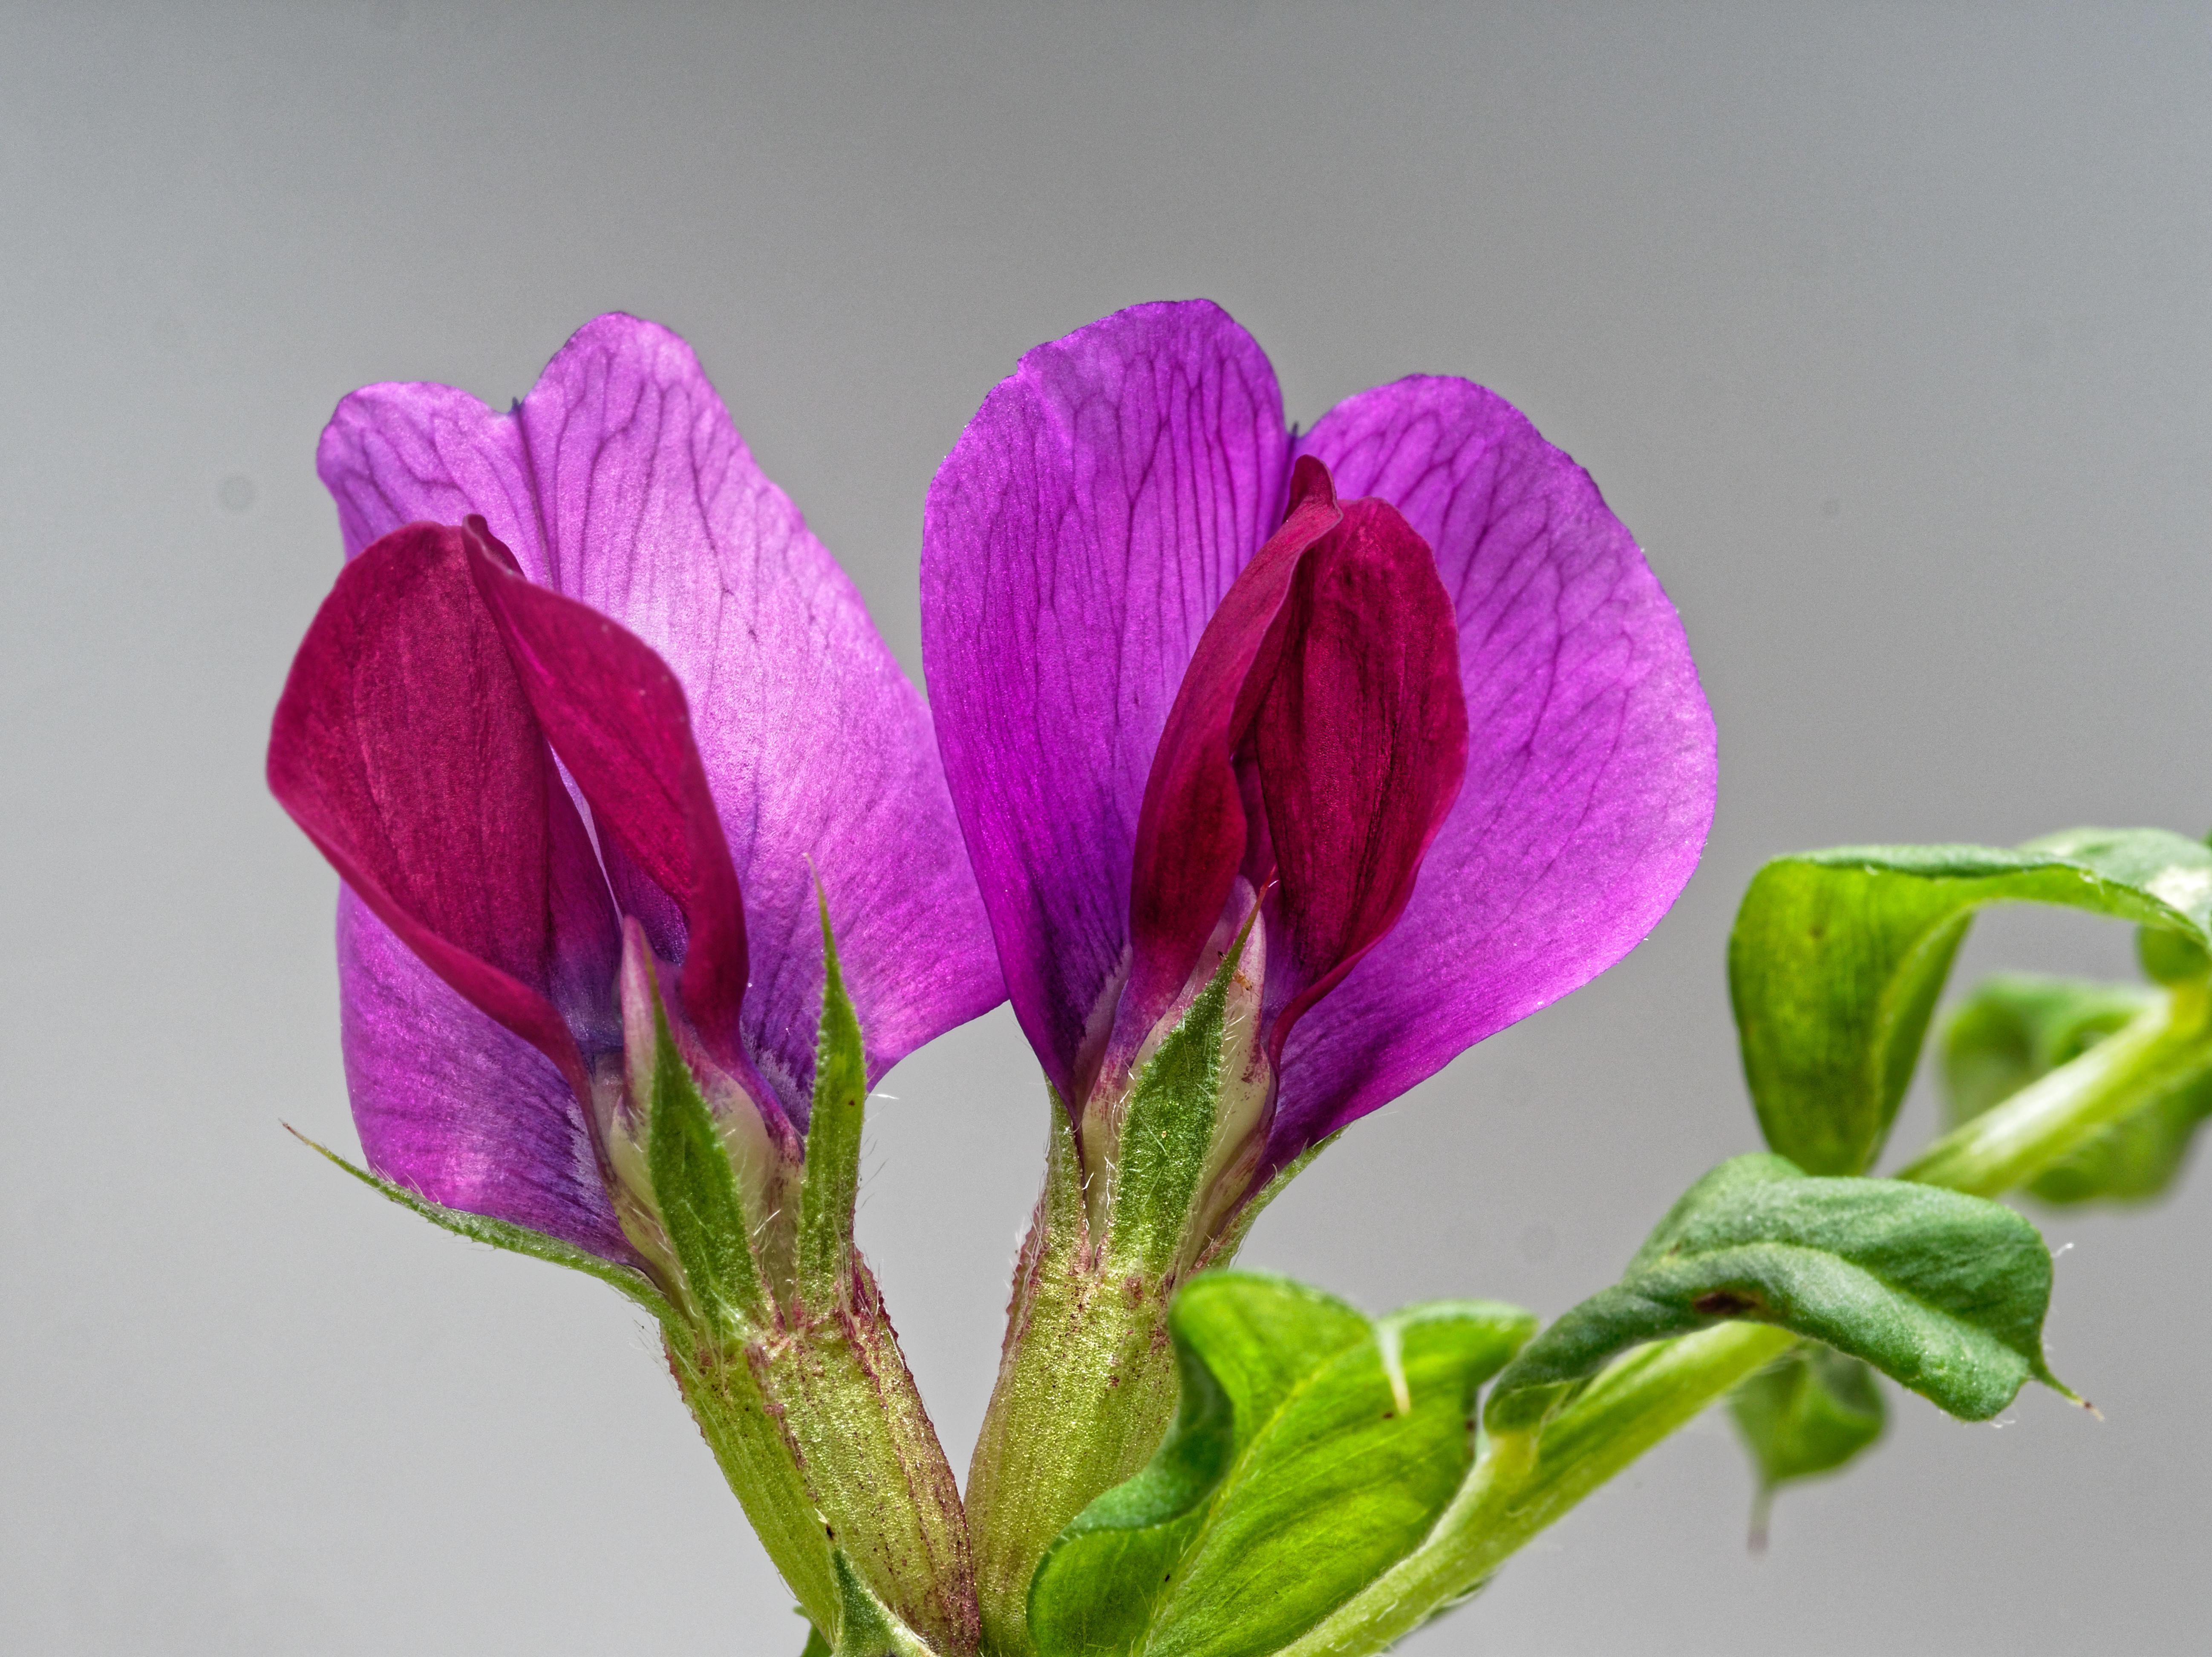 Mystery-plant-5.jpeg